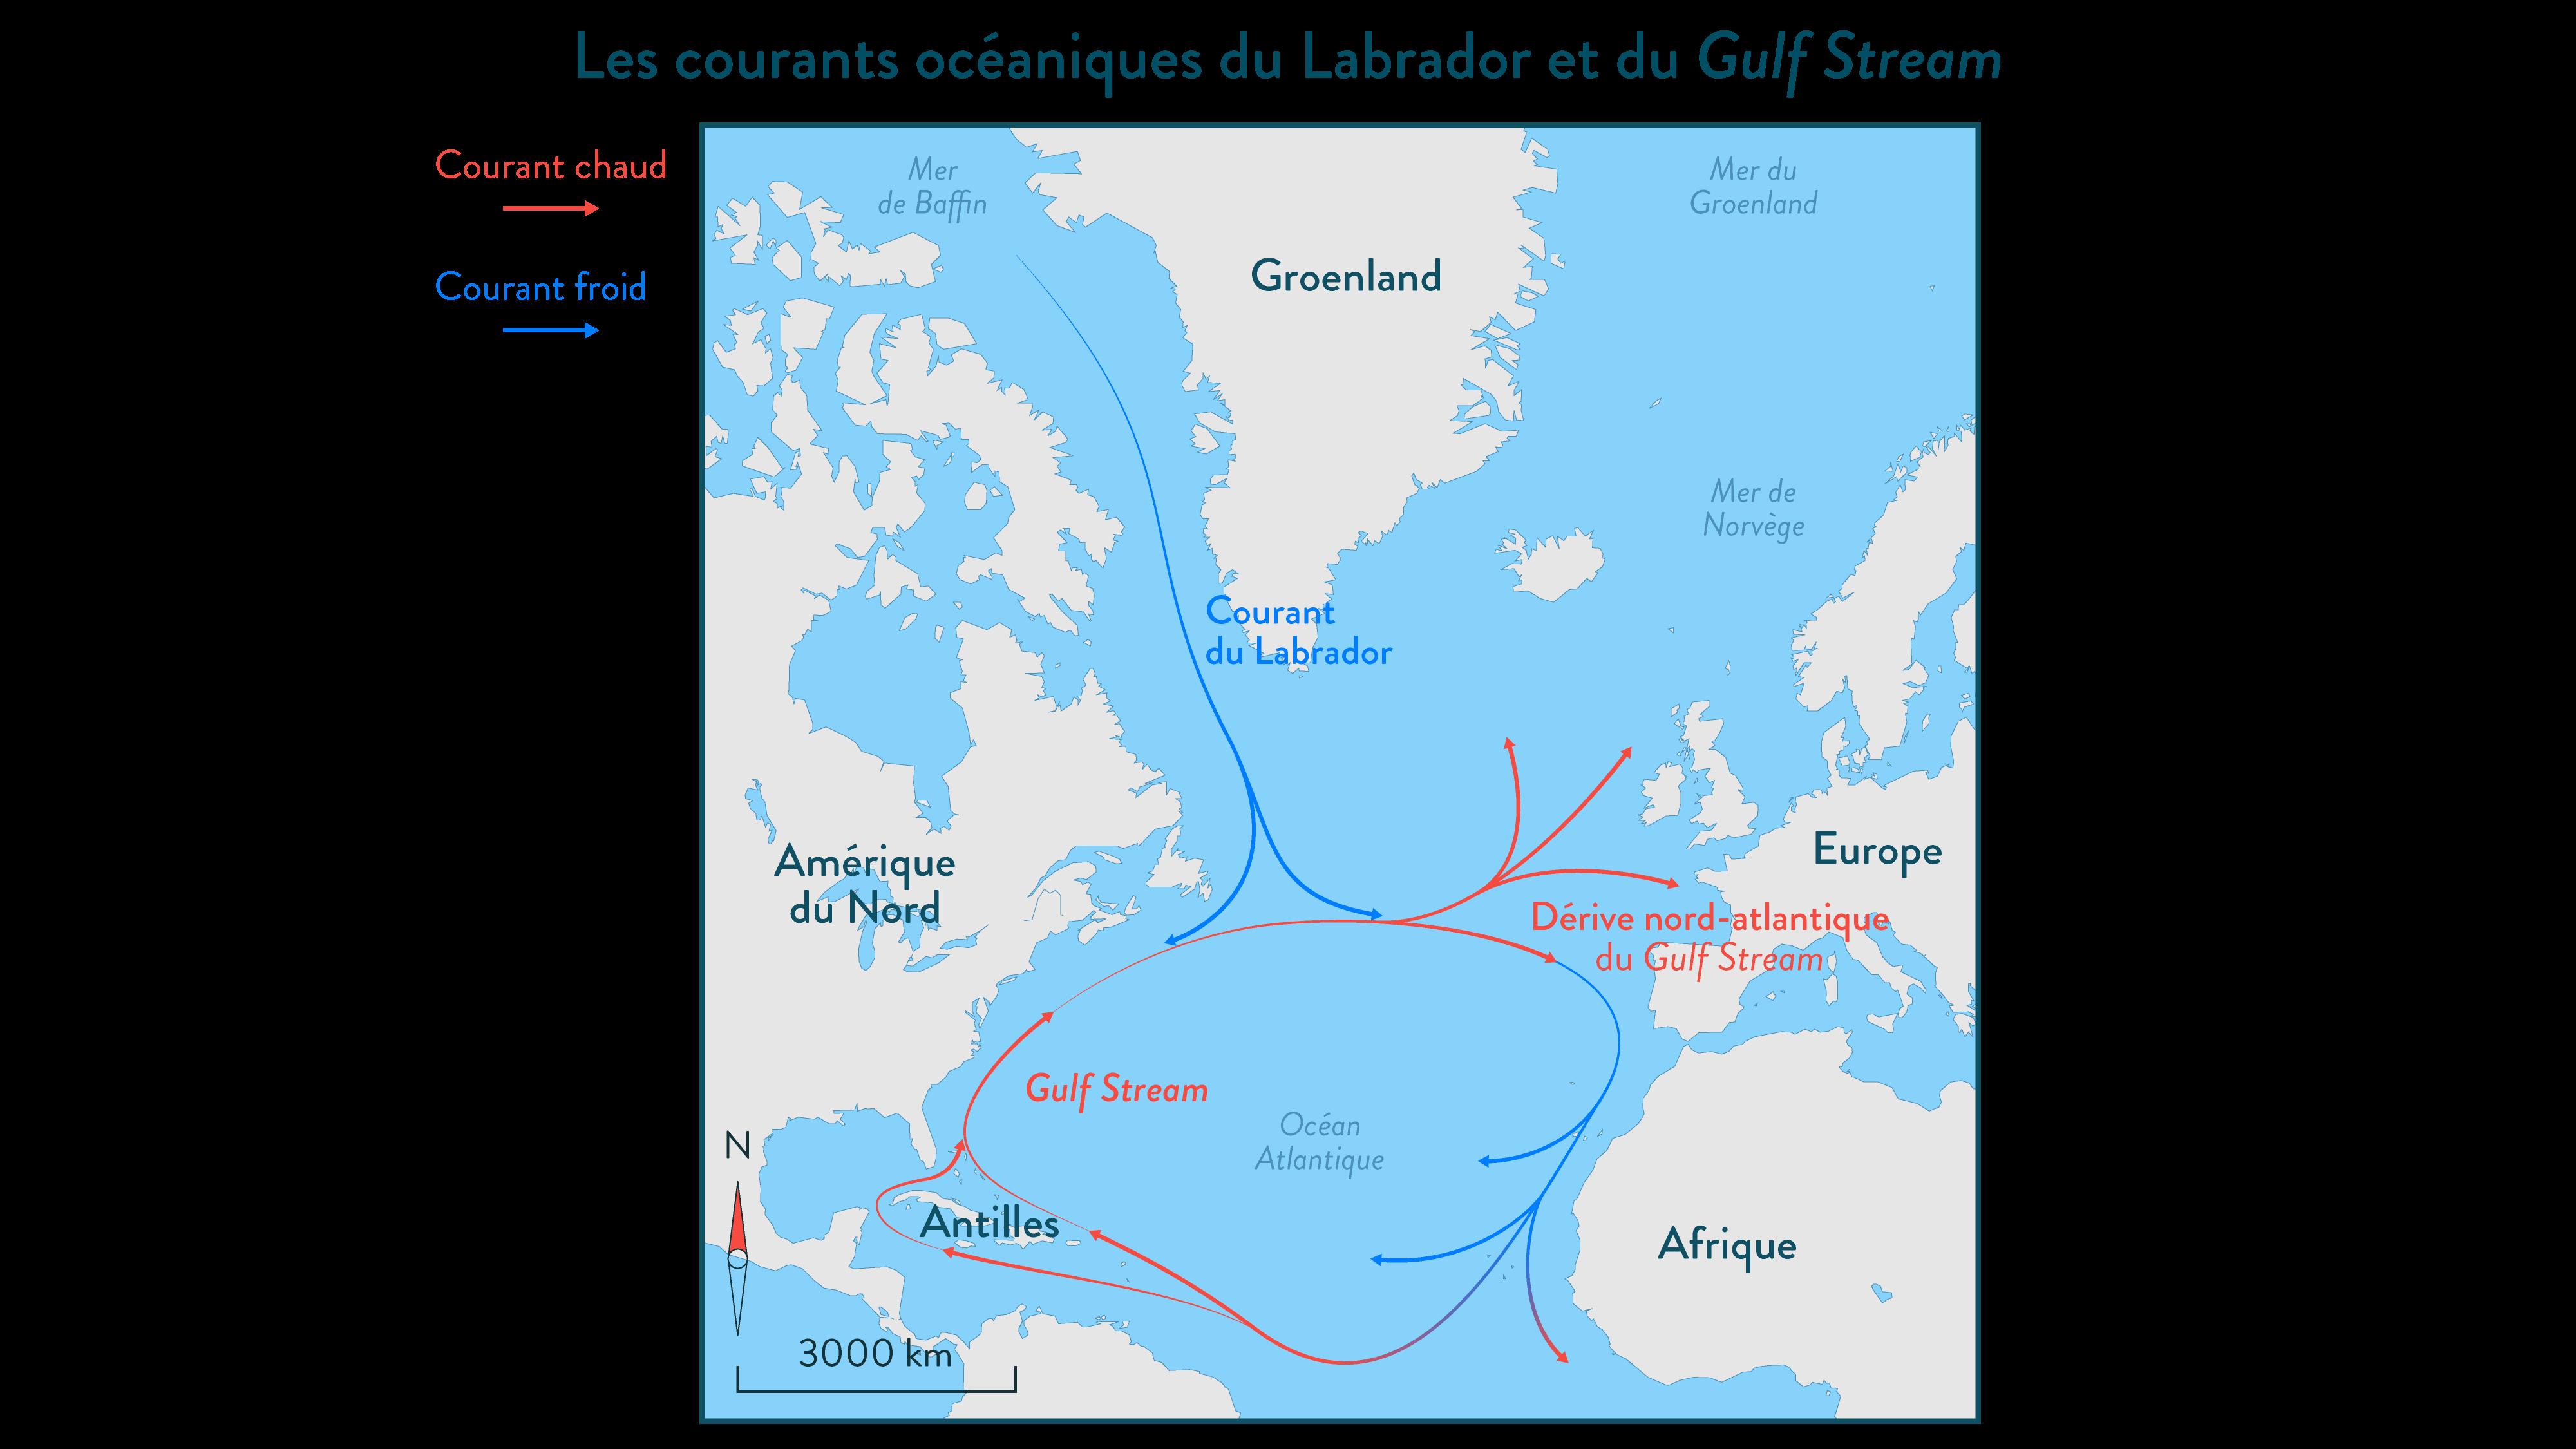 Les courants océaniques du Labrador et du Gulf Stream